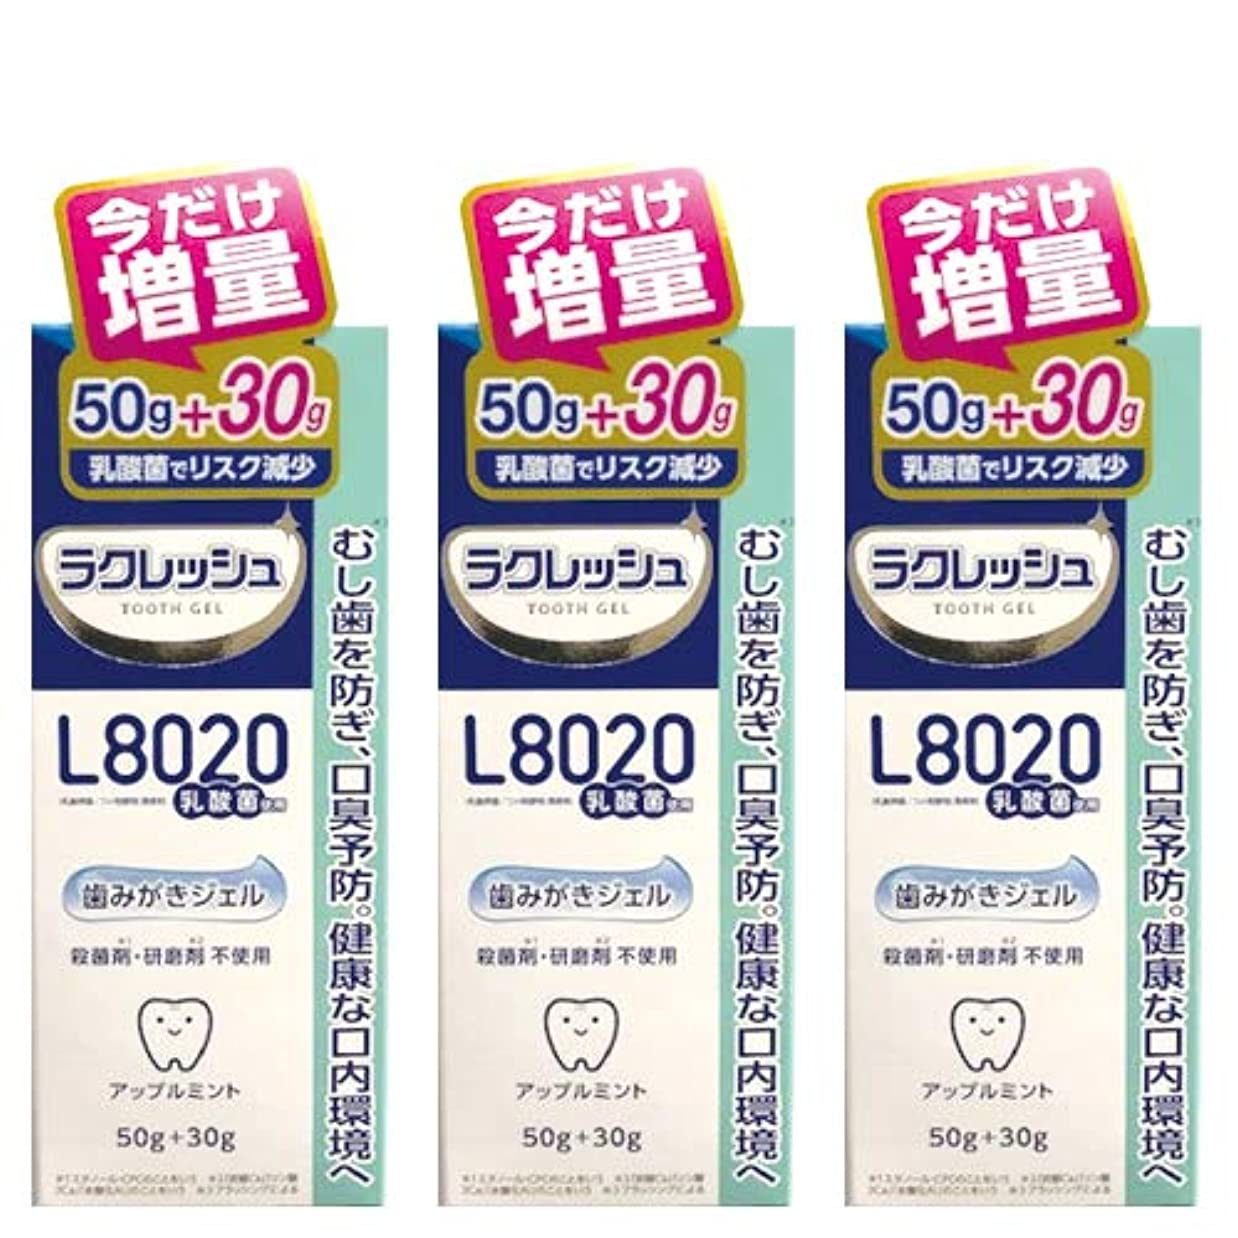 神社版広範囲【増量30g 】ジェクス L8020乳酸菌 ラクレッシュ 歯みがきジェル 80g(50g+30g)×3本セット